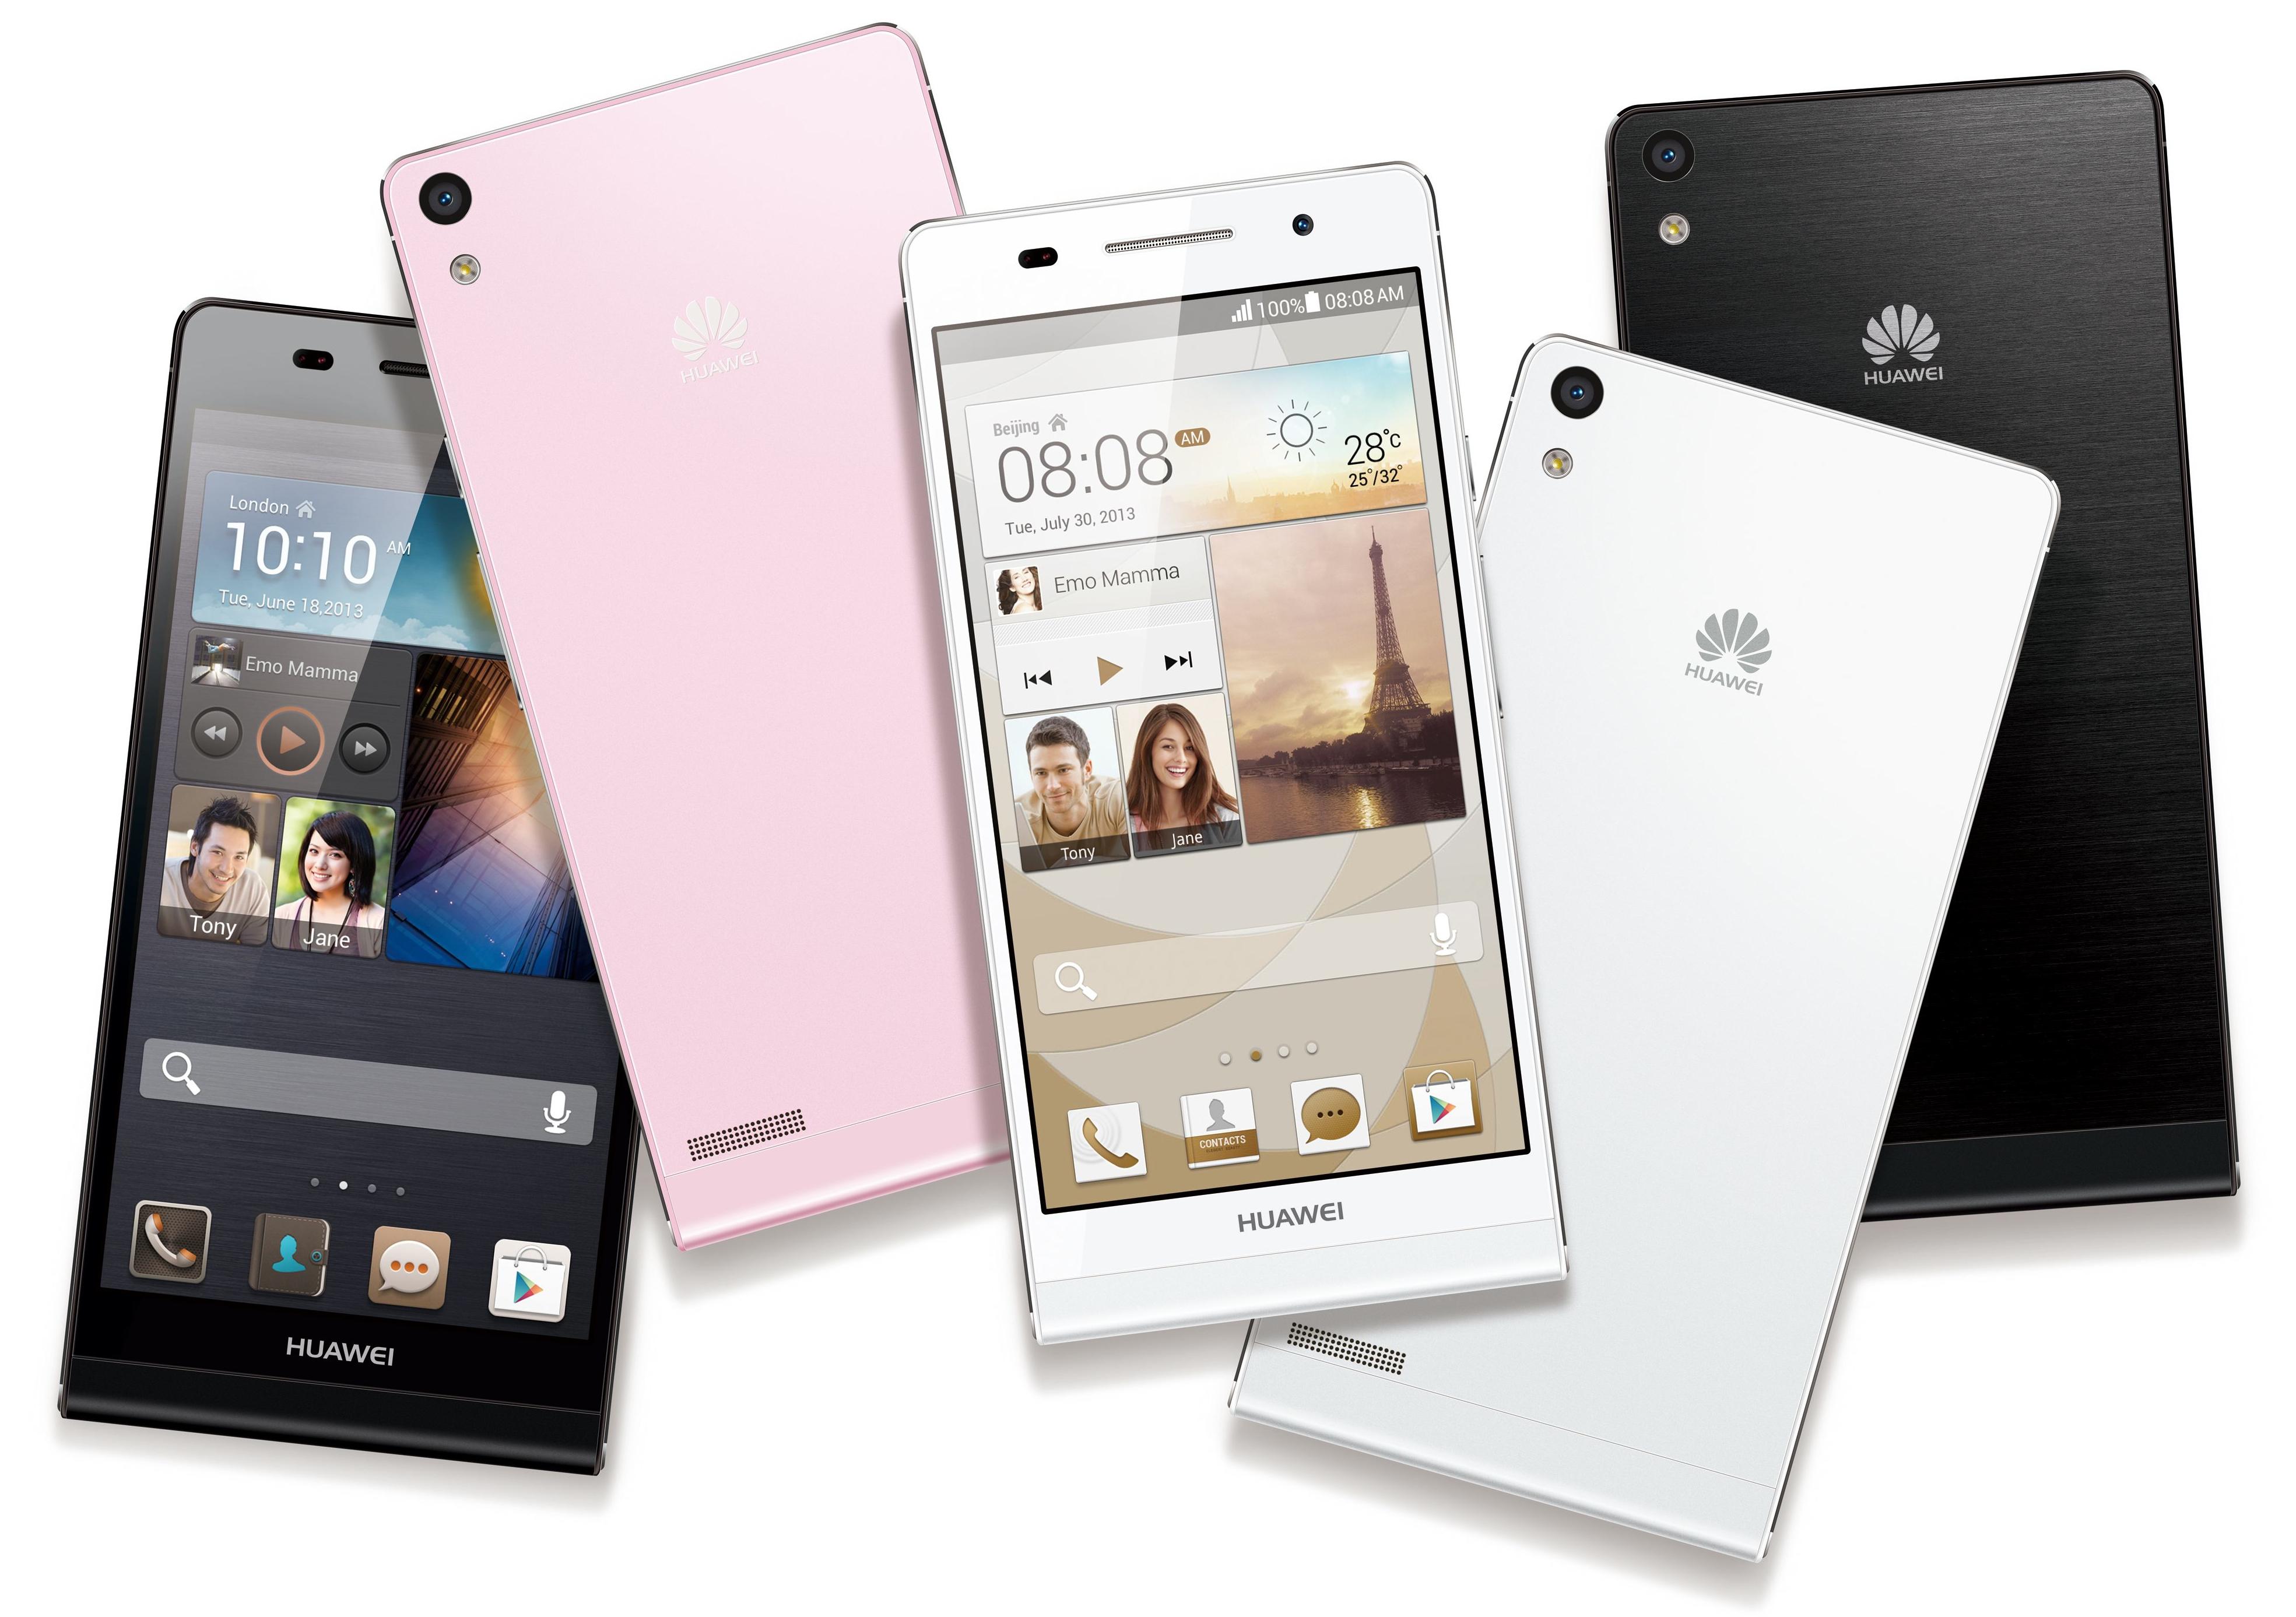 Chega no Brasil o Huawei Ascend P6, o smartphone mais fino do mundo